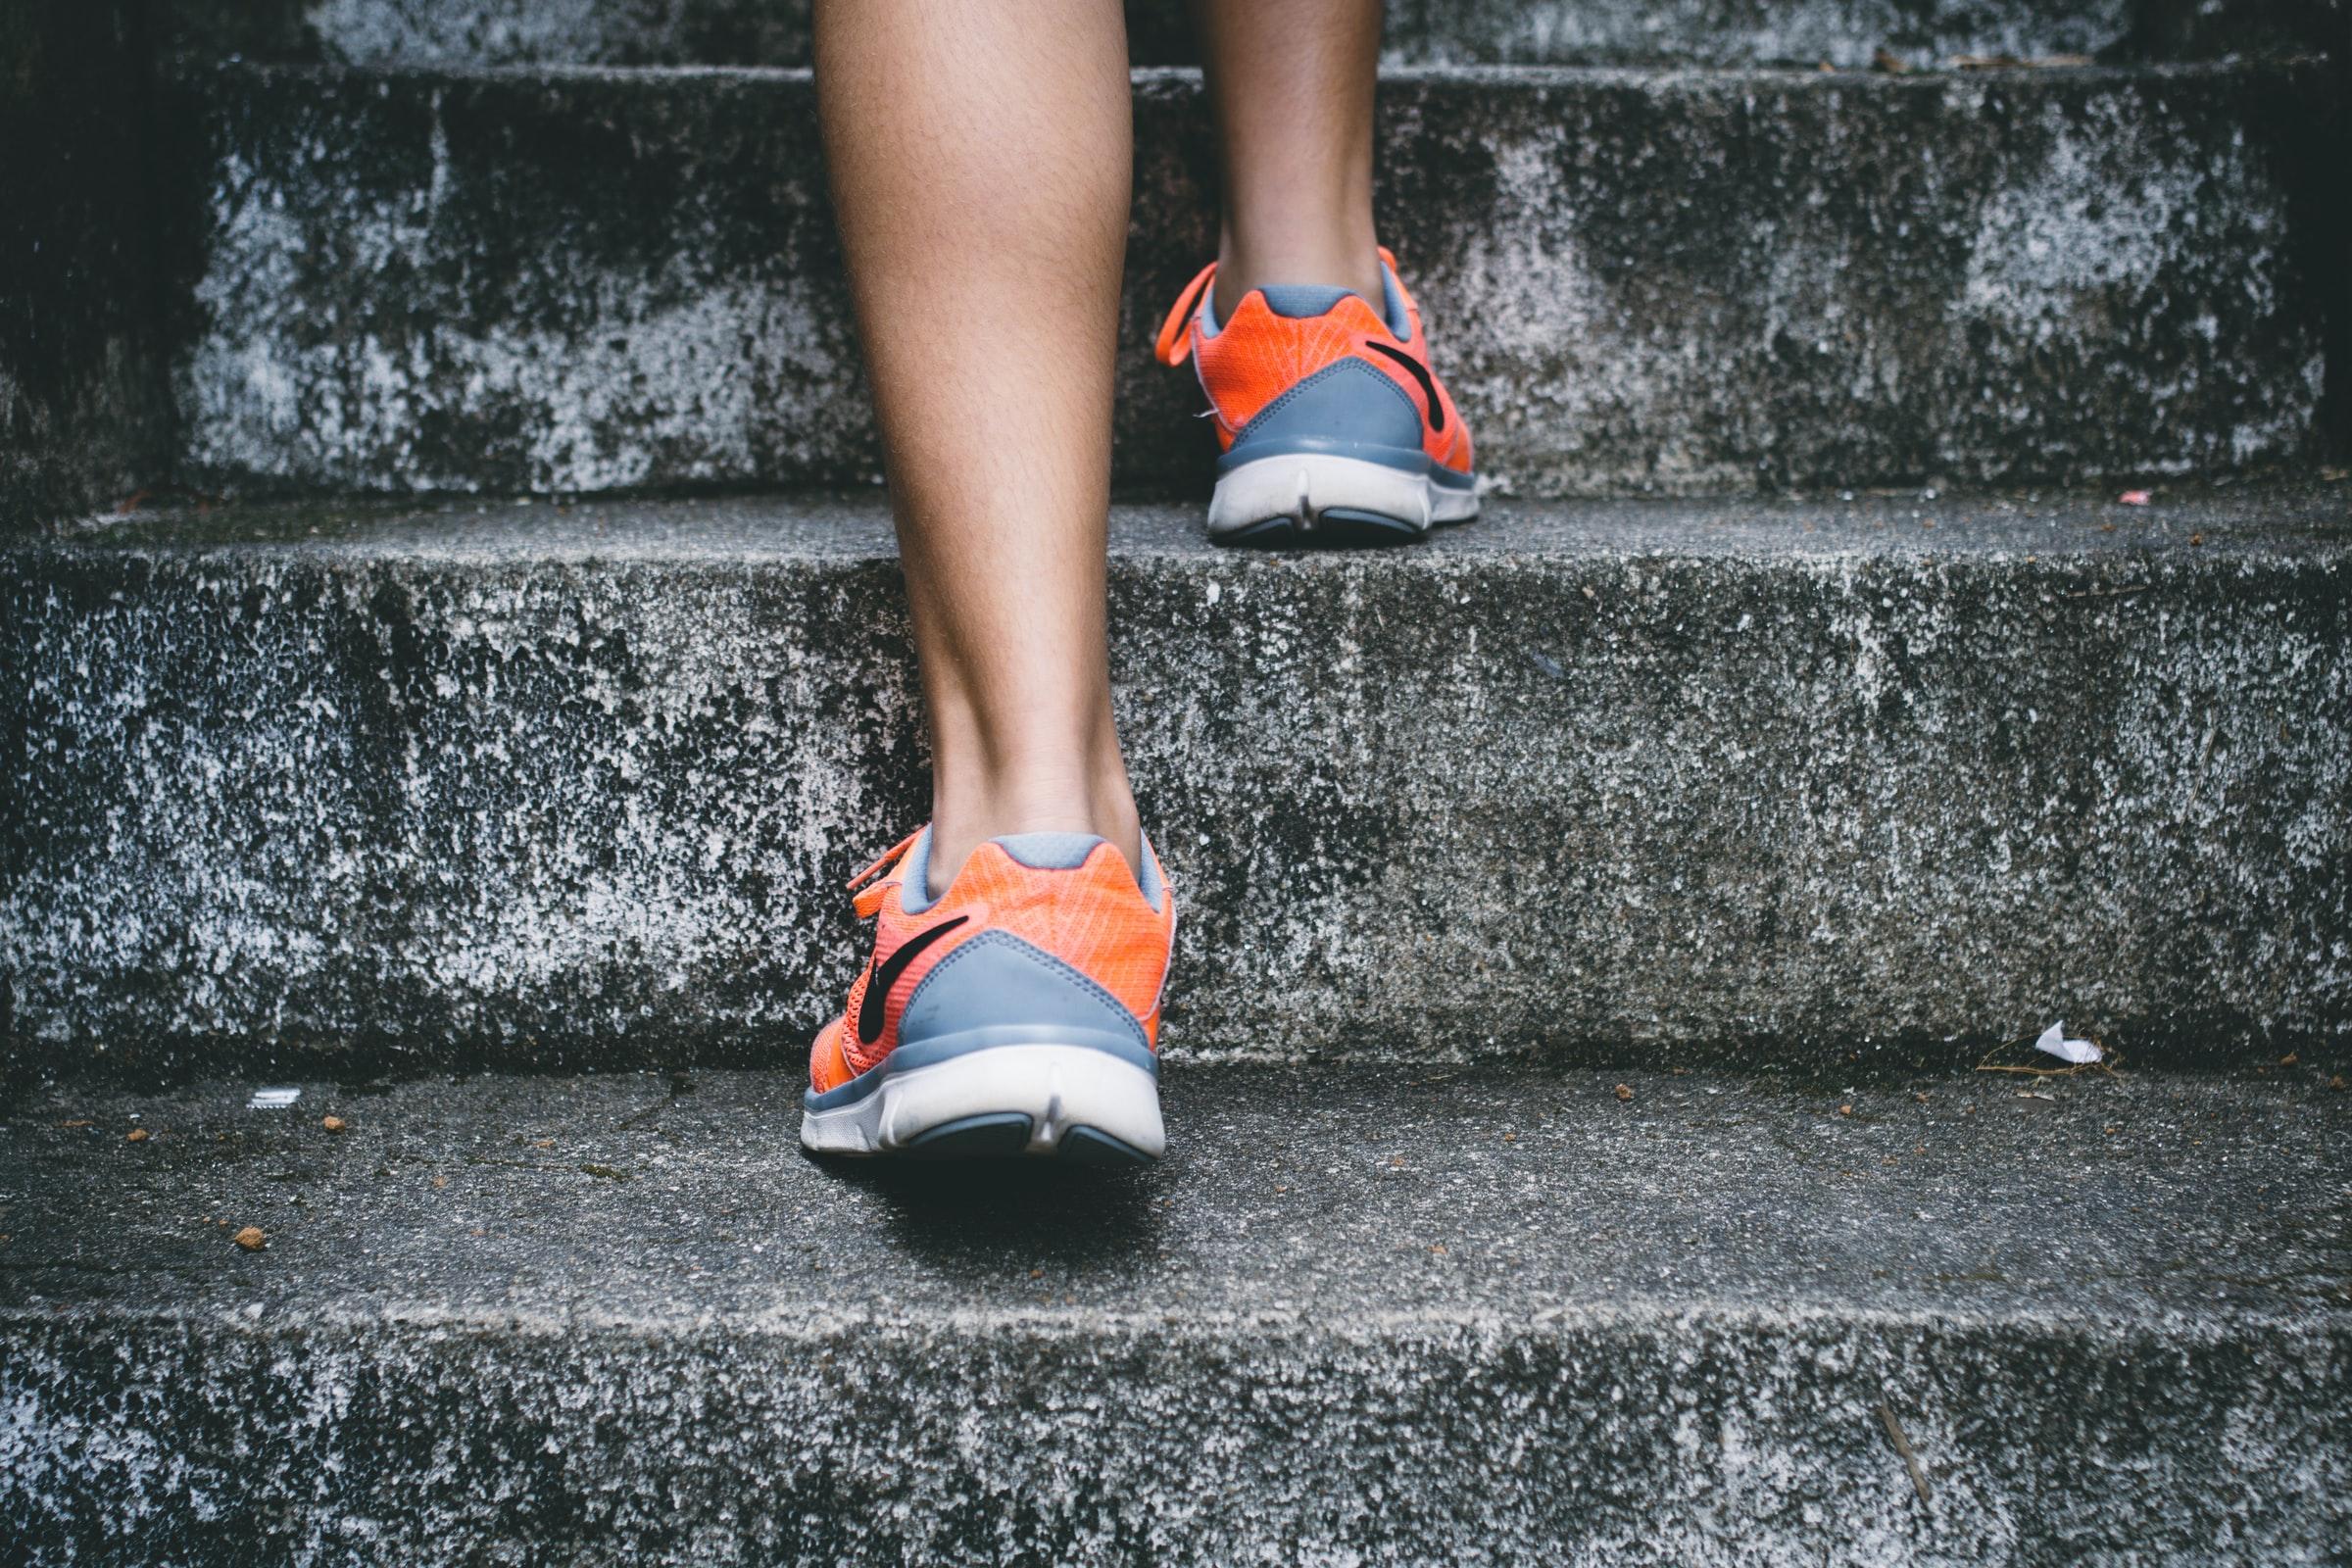 Imagen de persona con zapatos tenis subiendo gradas